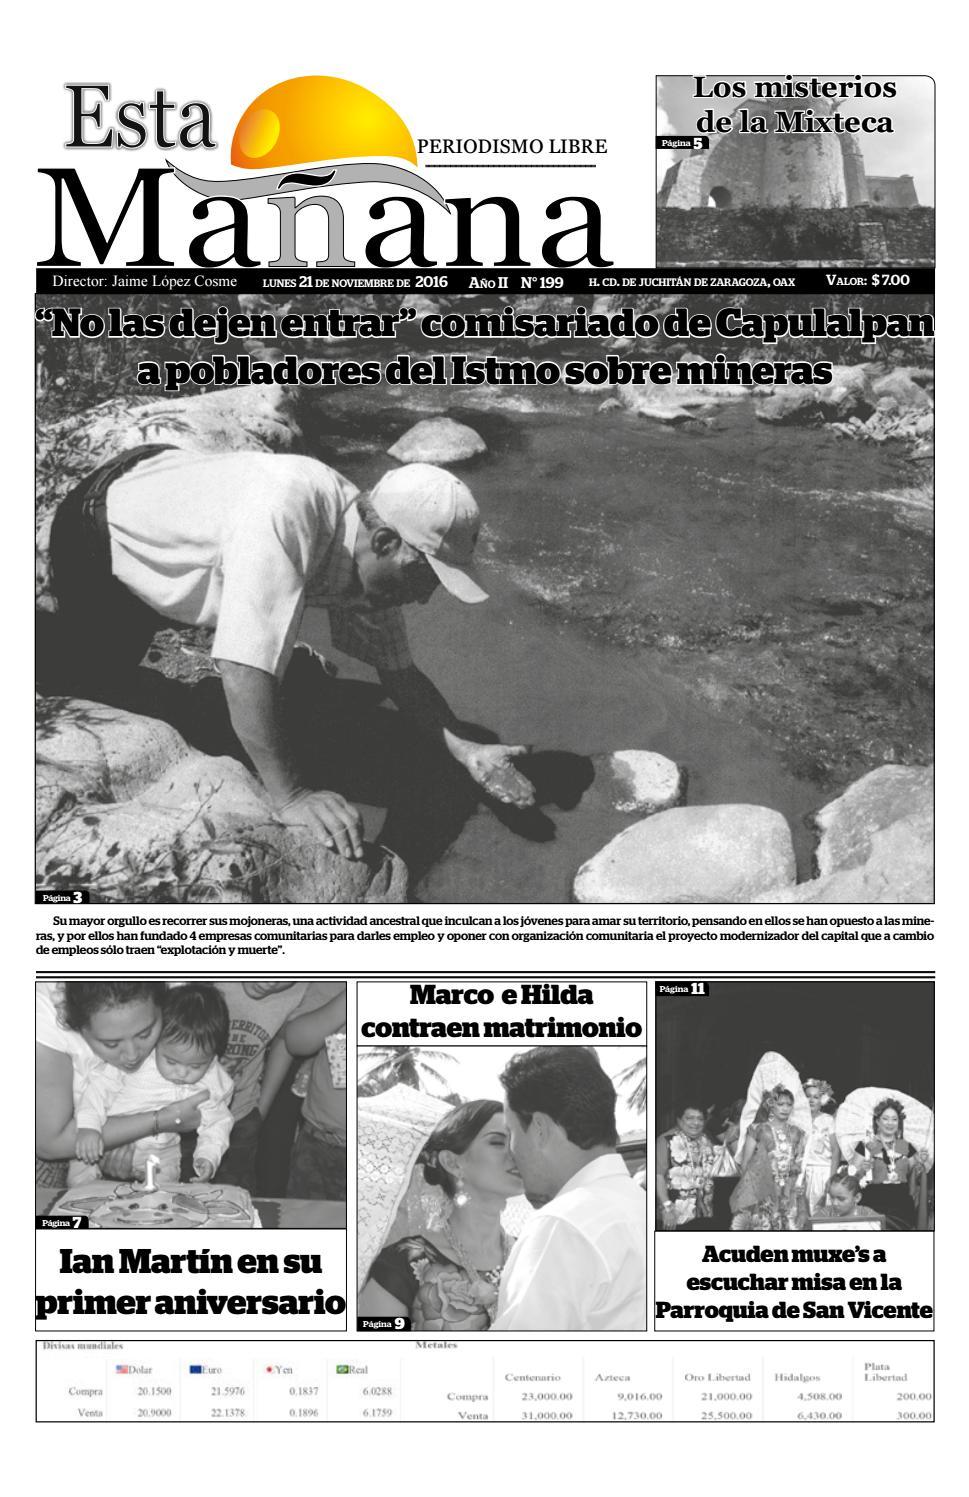 EDICION 199 by estamañana - issuu